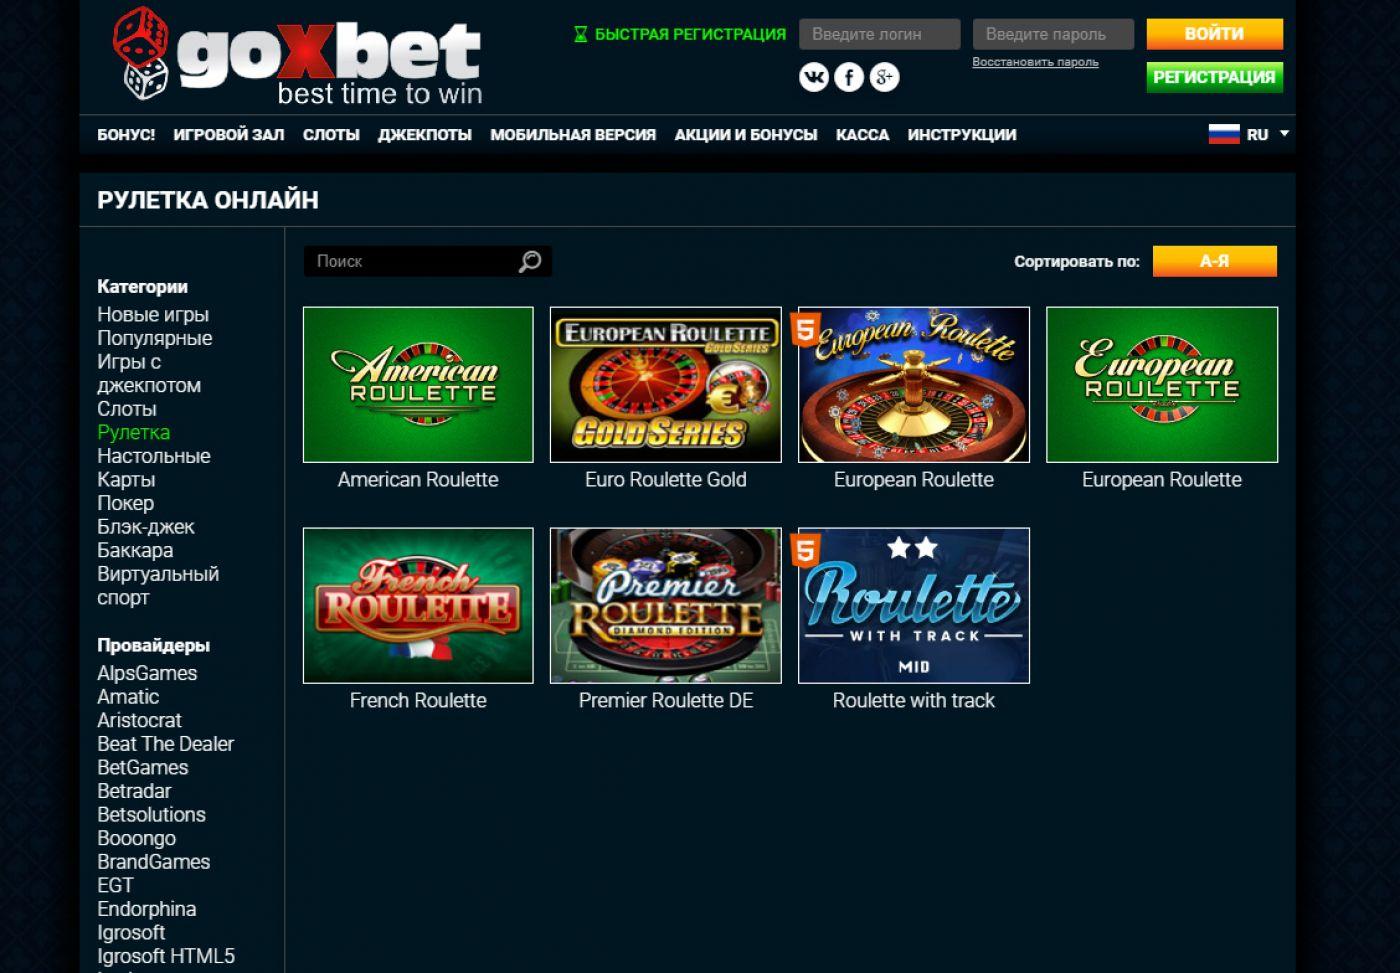 Что представляет собой казино онлайн Гоксбет?